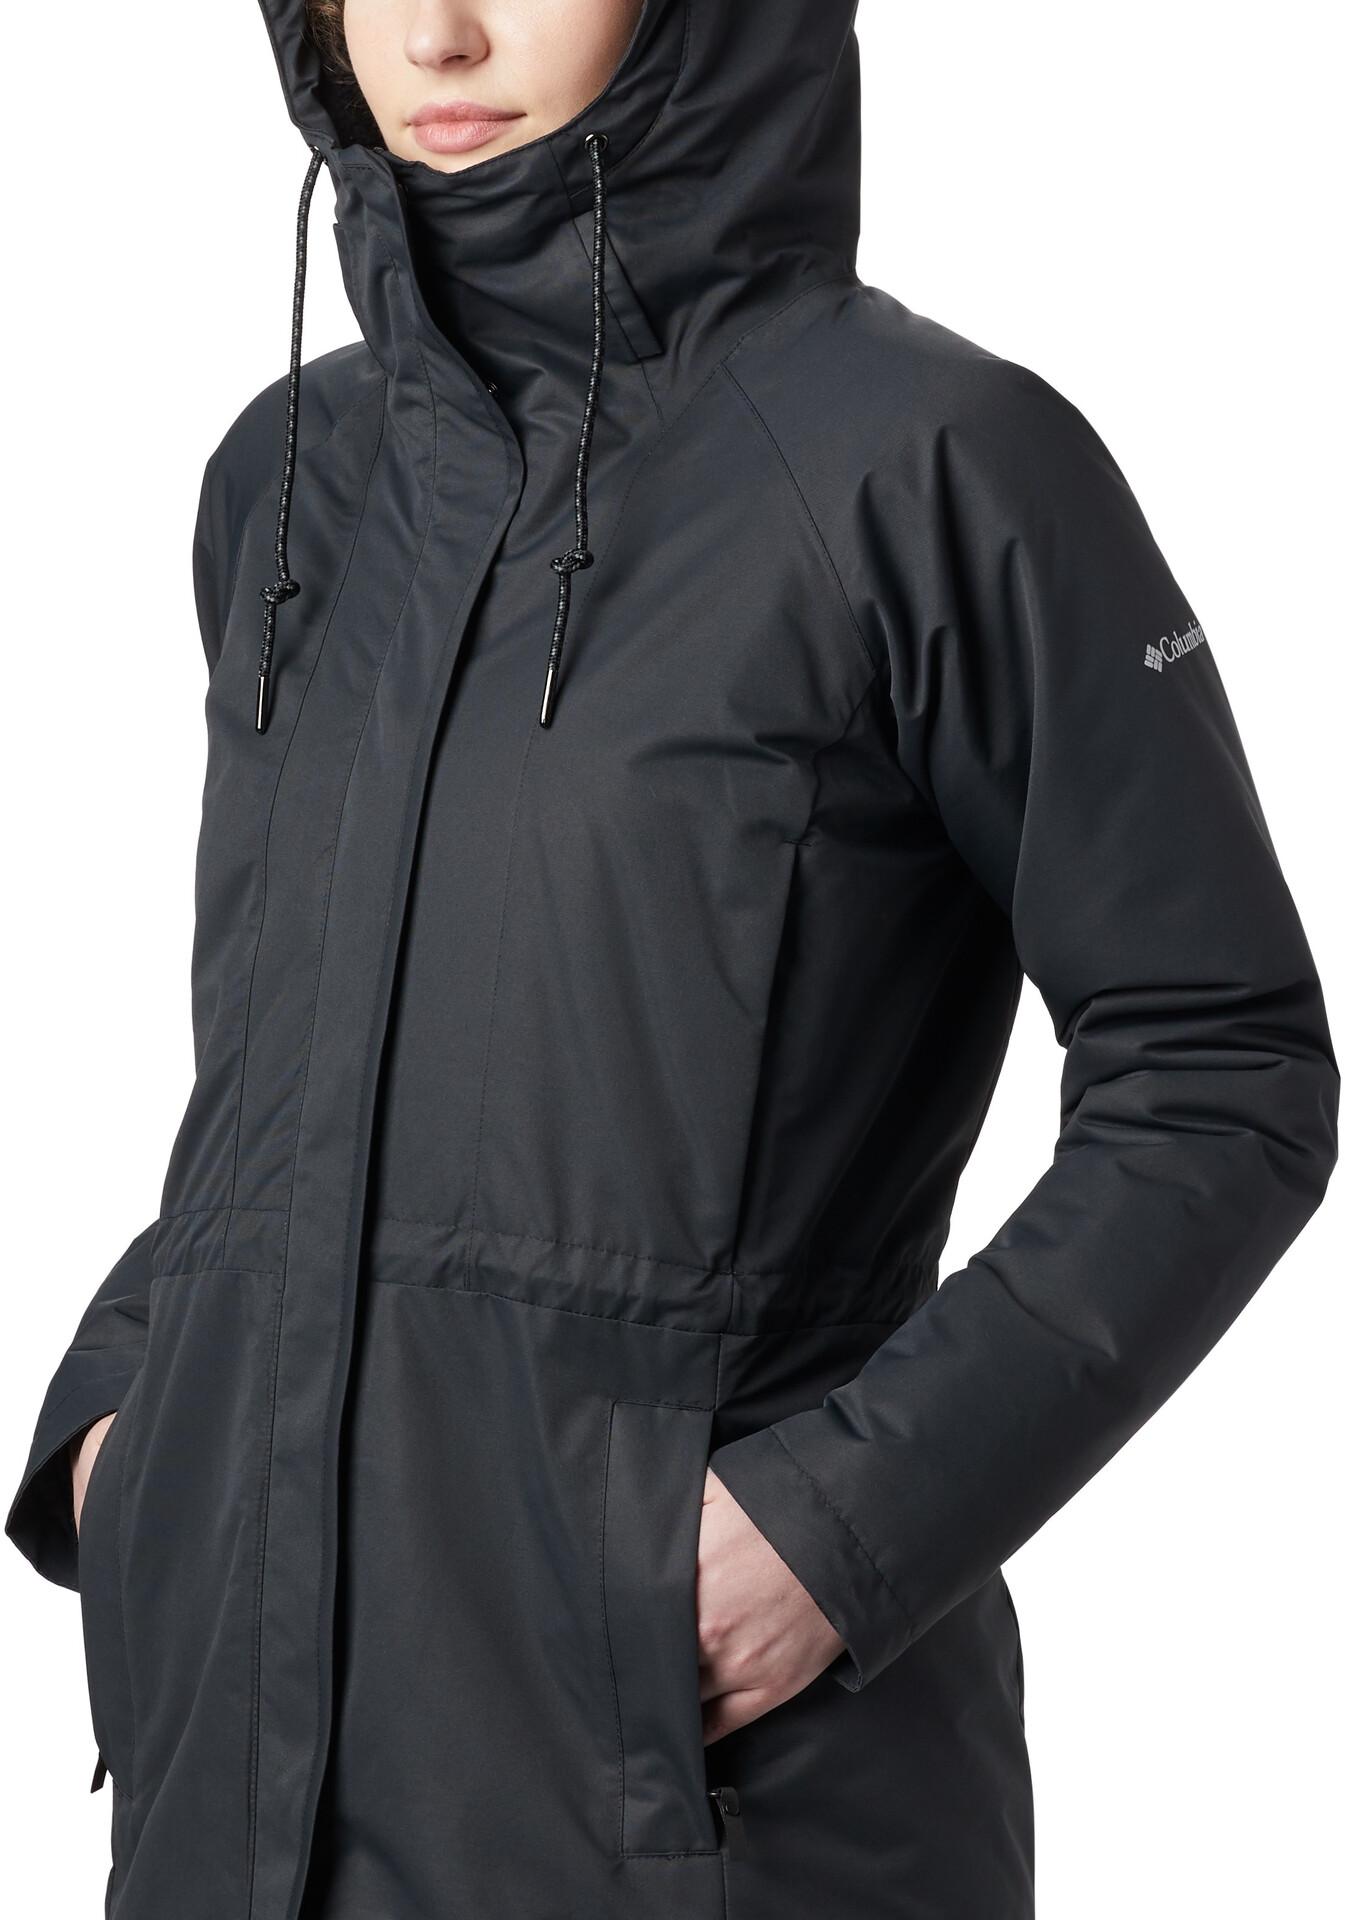 Columbia South Canyon Sherpa Gefütterte Jacke Damen black